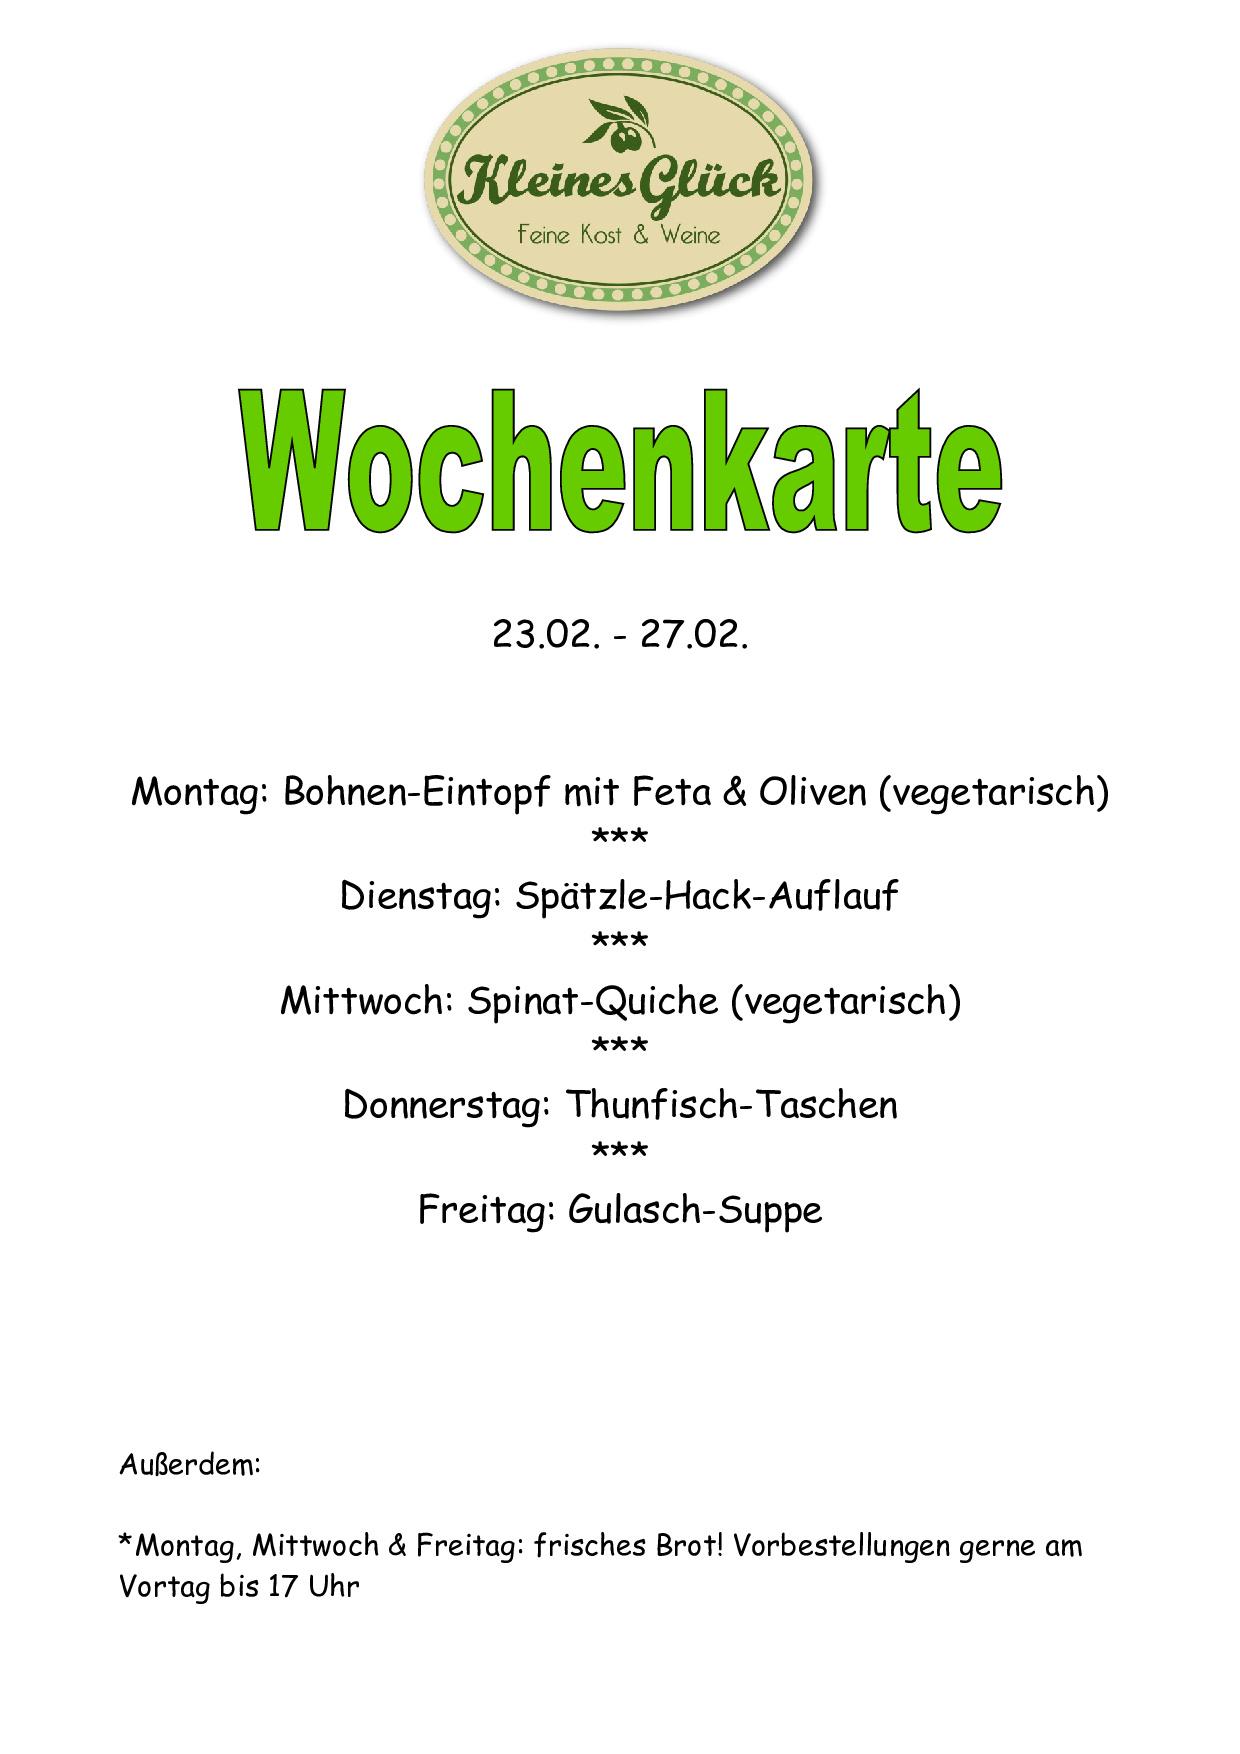 Wochenkarte_15-08